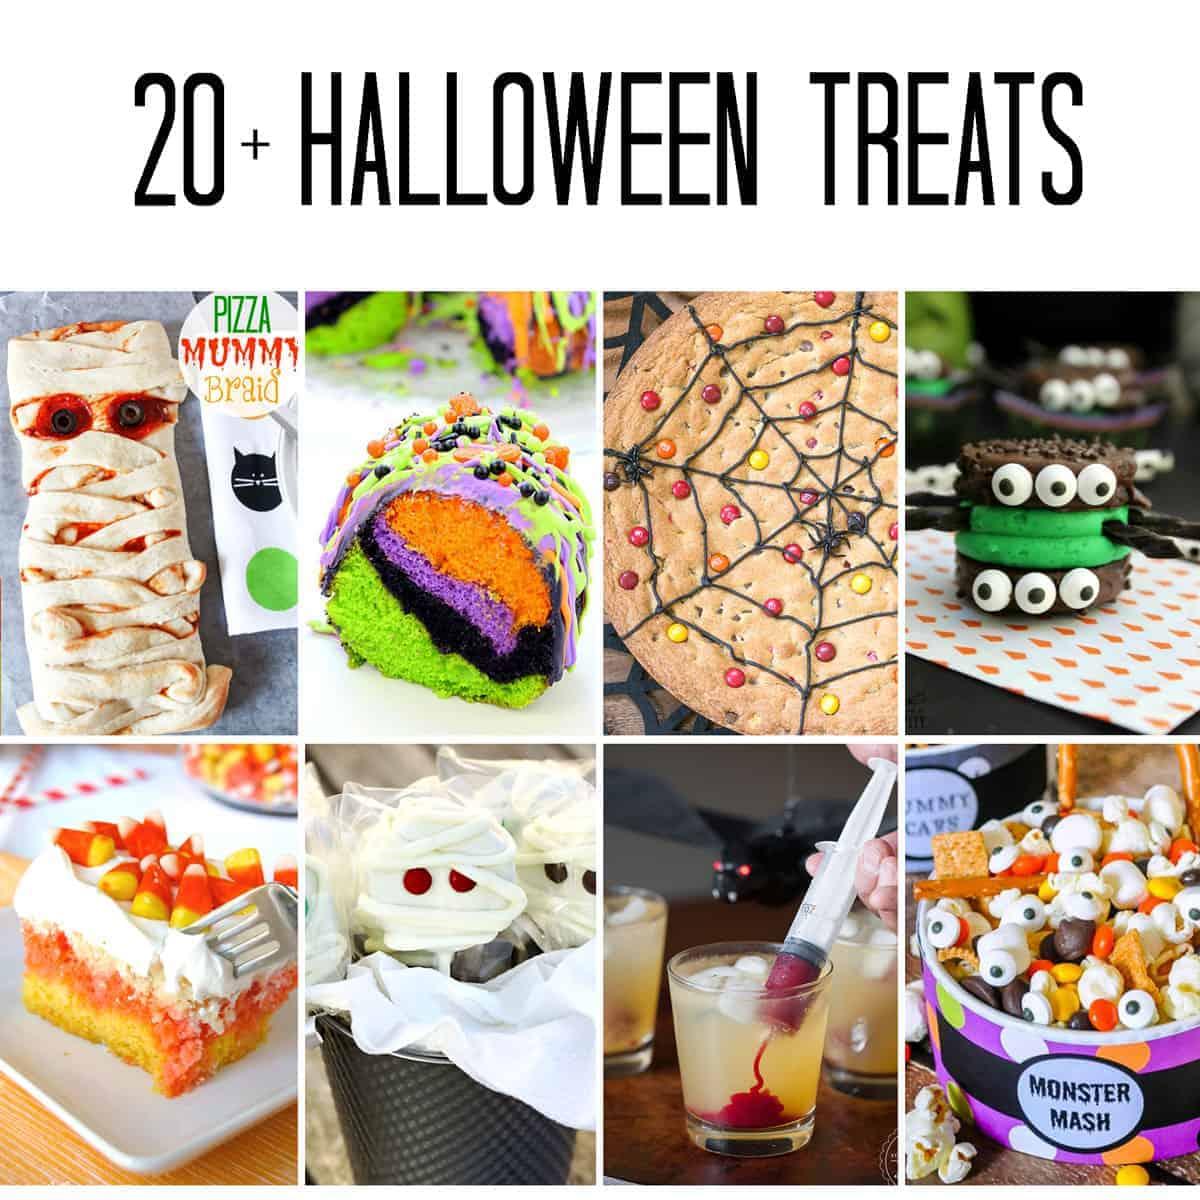 Over 20 Halloween Treats